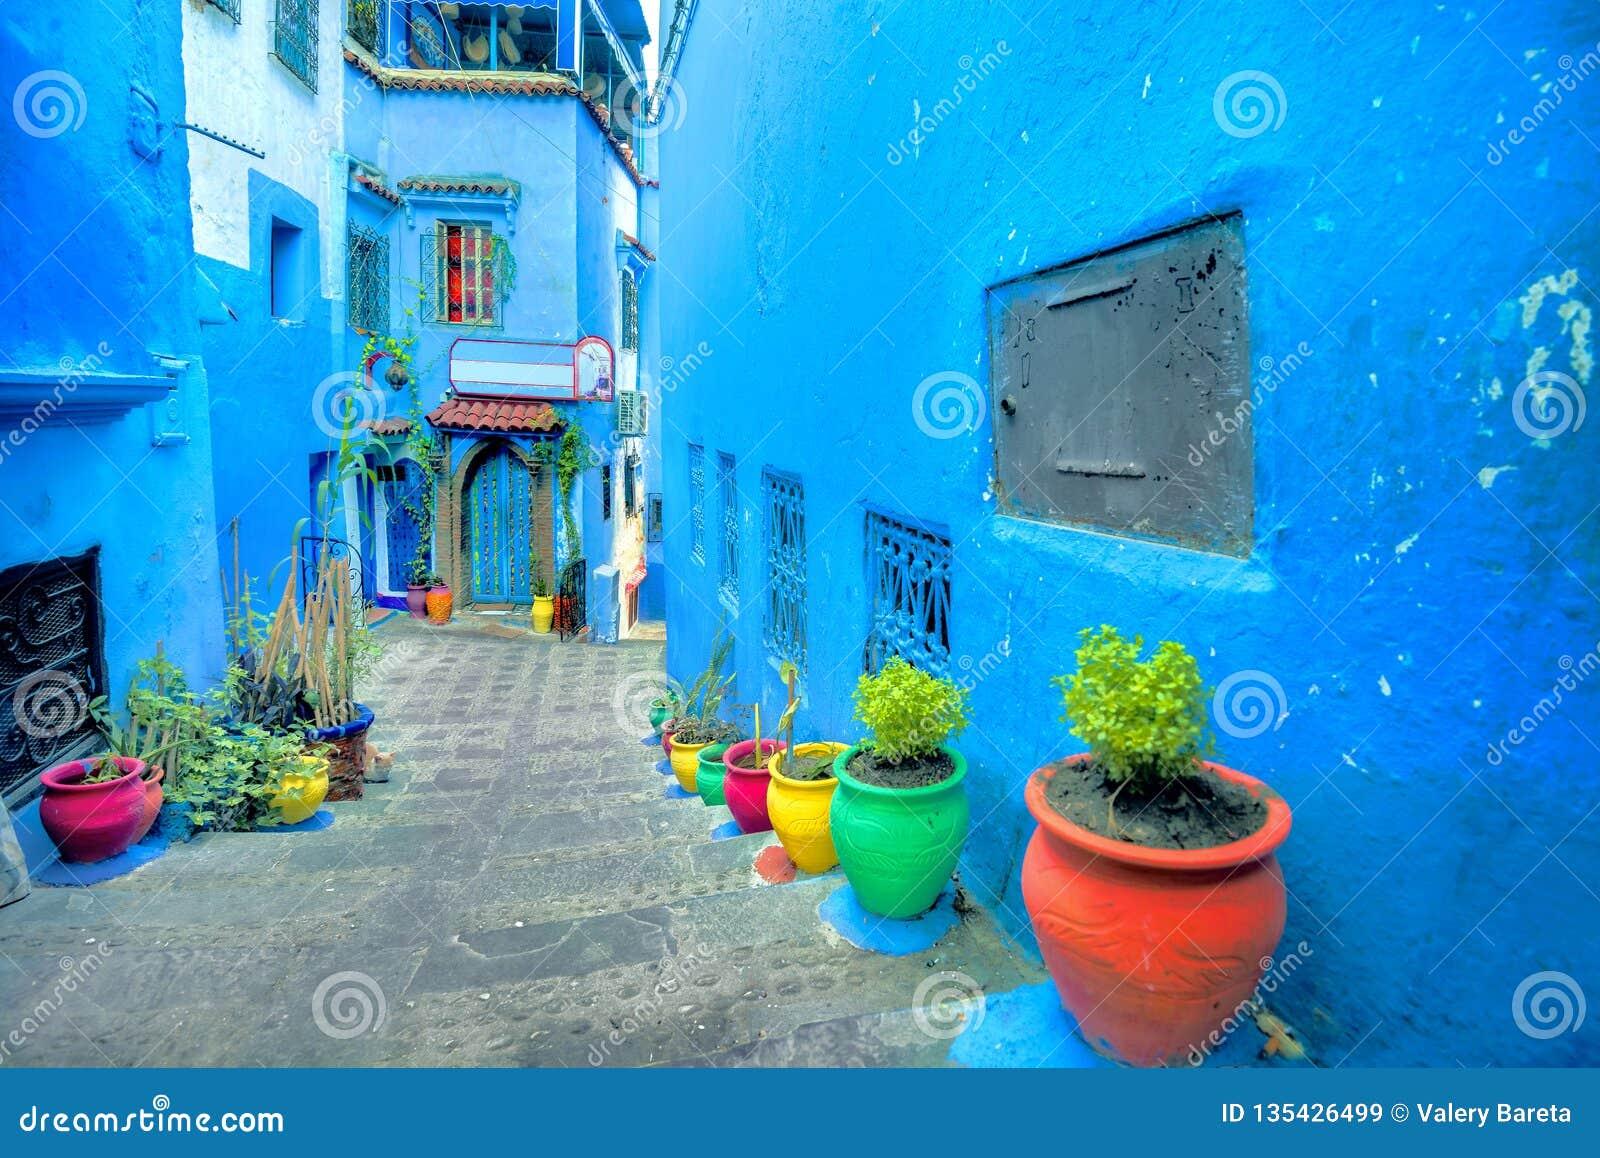 Straat met blauwe geschilderde muren en kleurrijke bloempotten in oude medina van Chefchaouen Marokko, Noord-Afrika